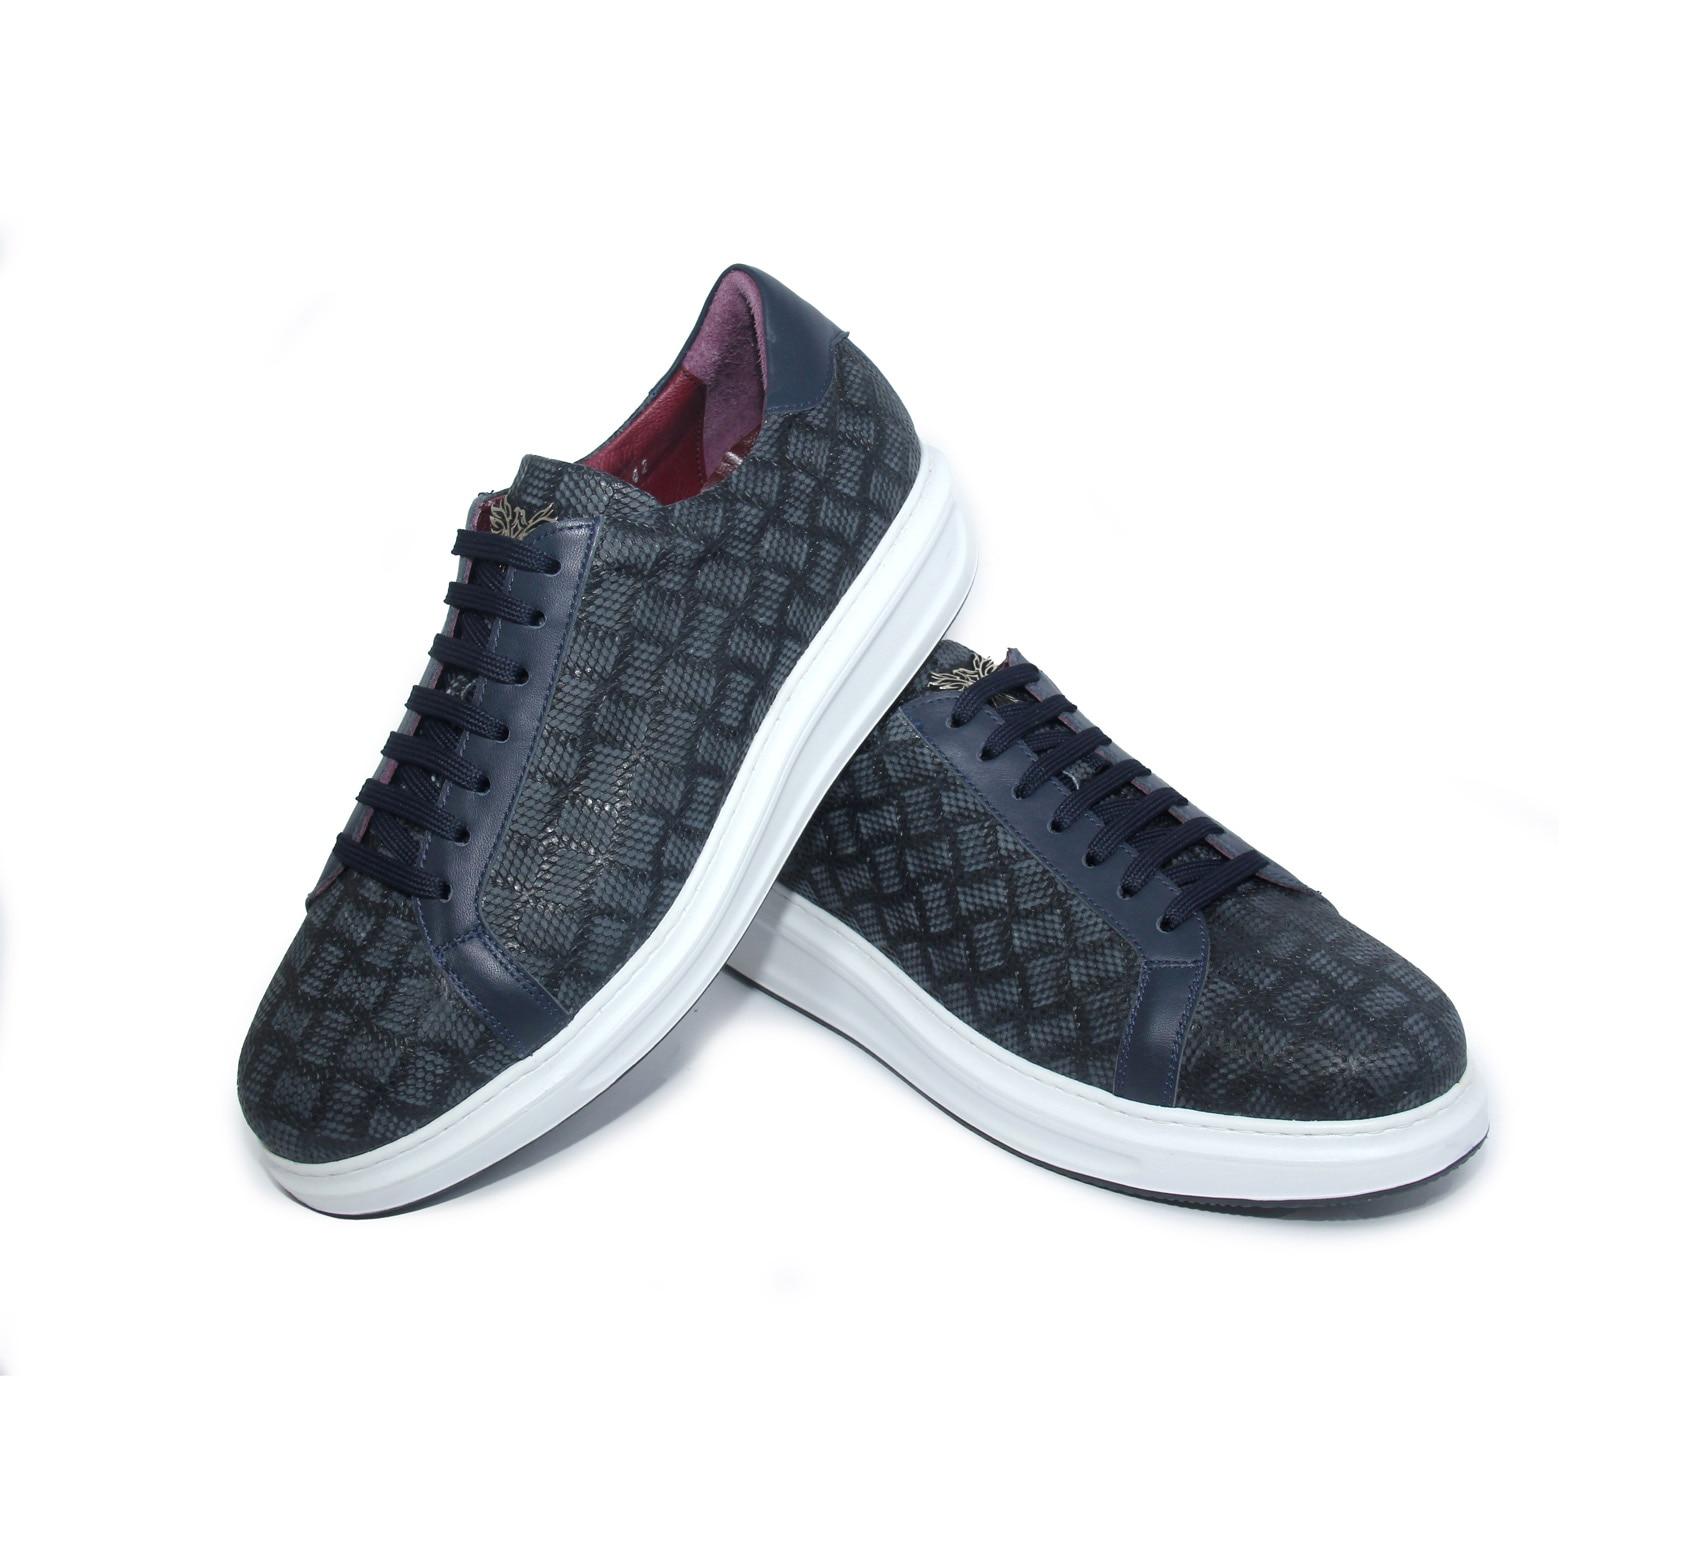 أحذية رياضية مصنوعة يدويا الأزرق الداكن مع جلد العجل الطبيعي ، منقوشة ماتي تنقش جلد الليزر ، أحذية رجالية خفيفة الوزن عادية